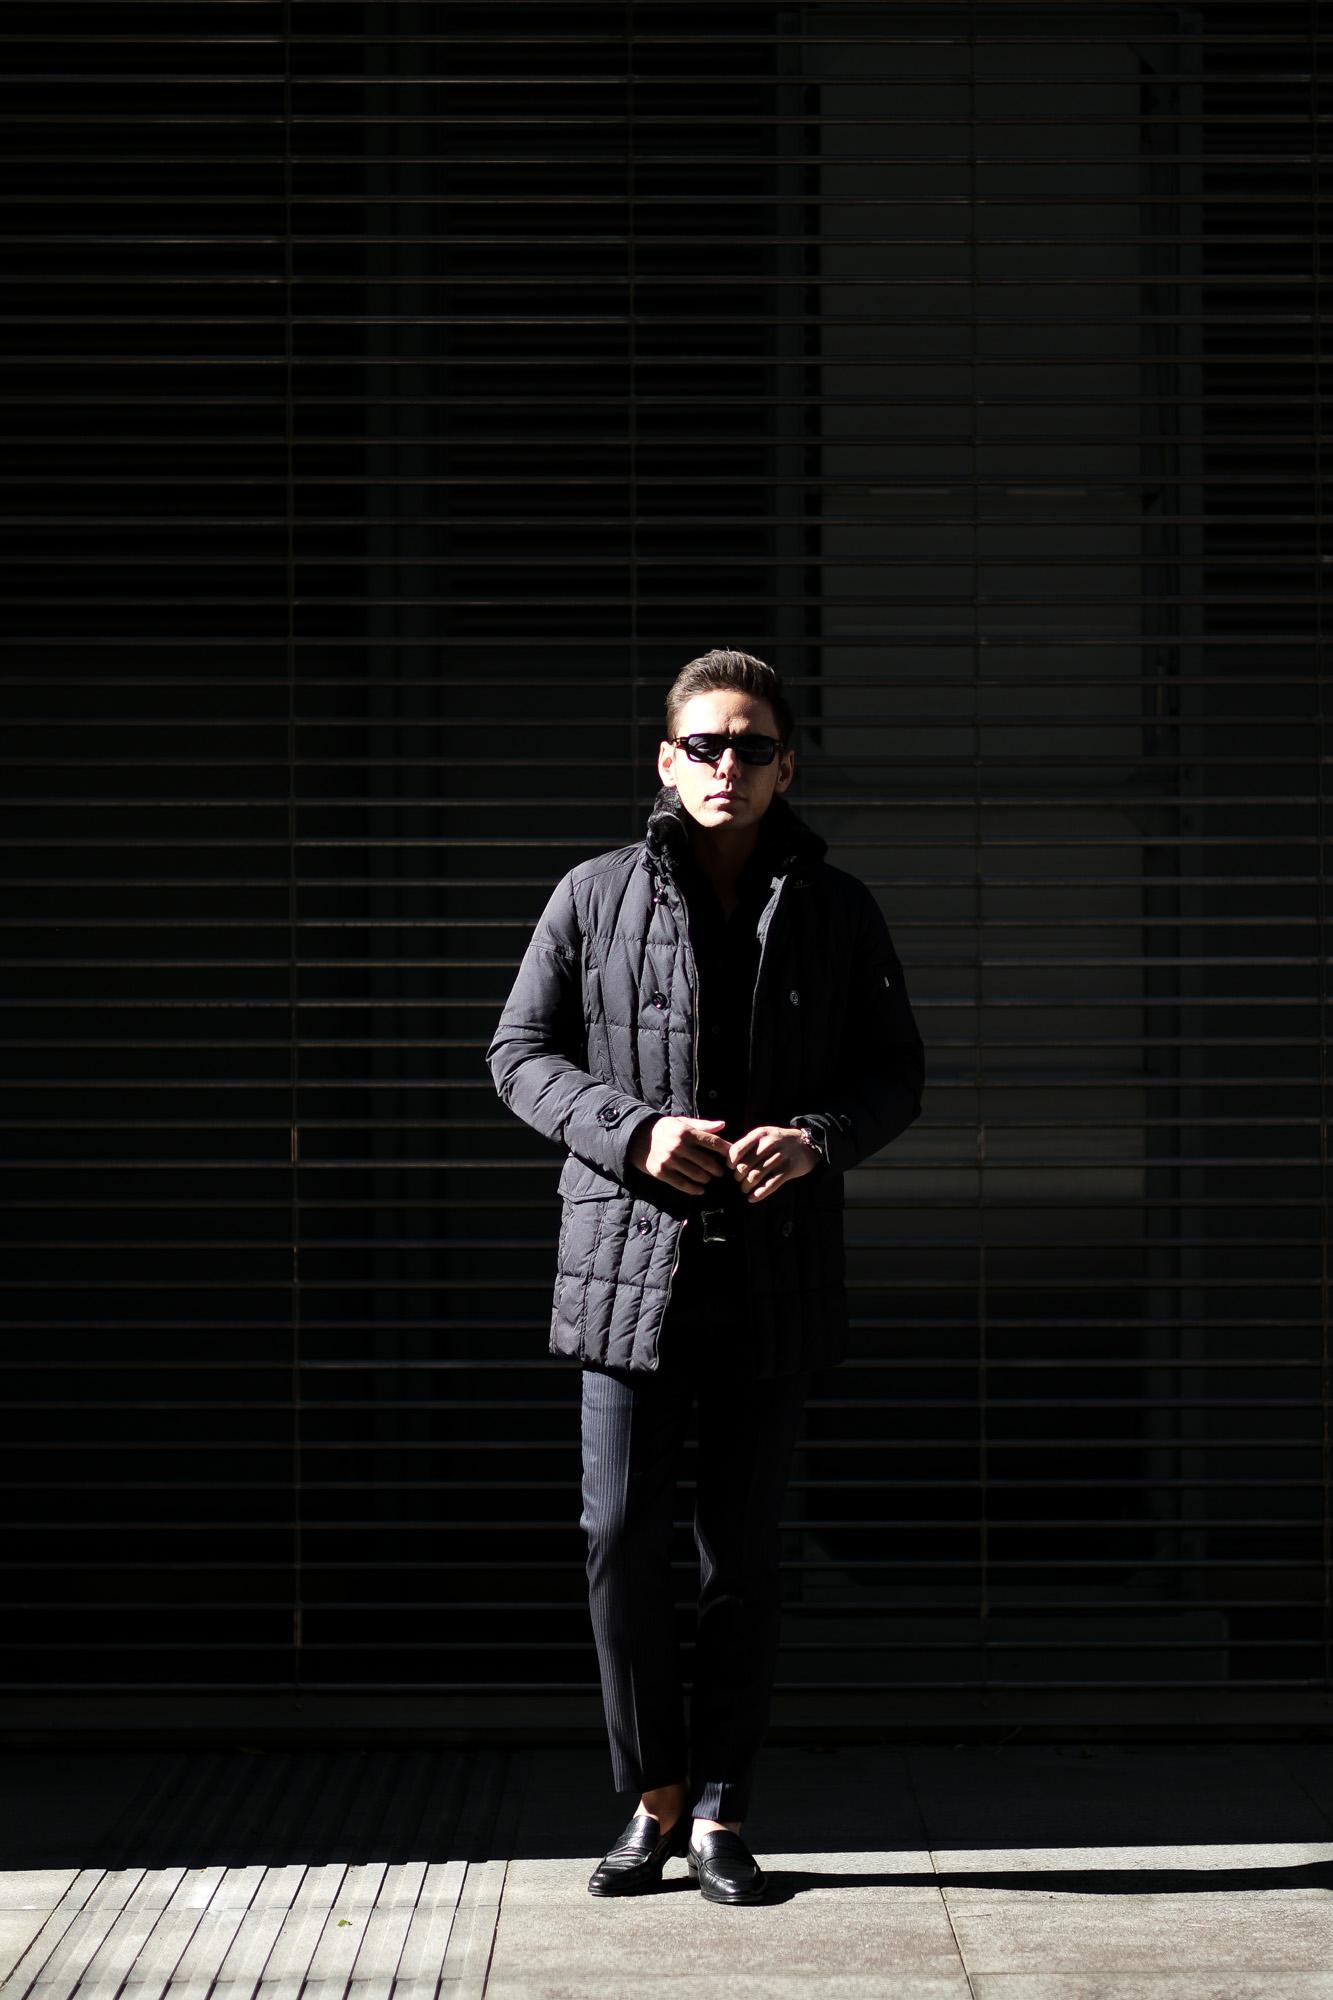 MOORER (ムーレー)MORRIS-KM2 (モーリス) ホワイトグースダウン ナイロン ダブルブレスト ダウン コート NERO(ブラック)  Made in italy (イタリア製) 2019 秋冬新作 愛知 名古屋 altoediritto アルトエデリット ダウンジャケット